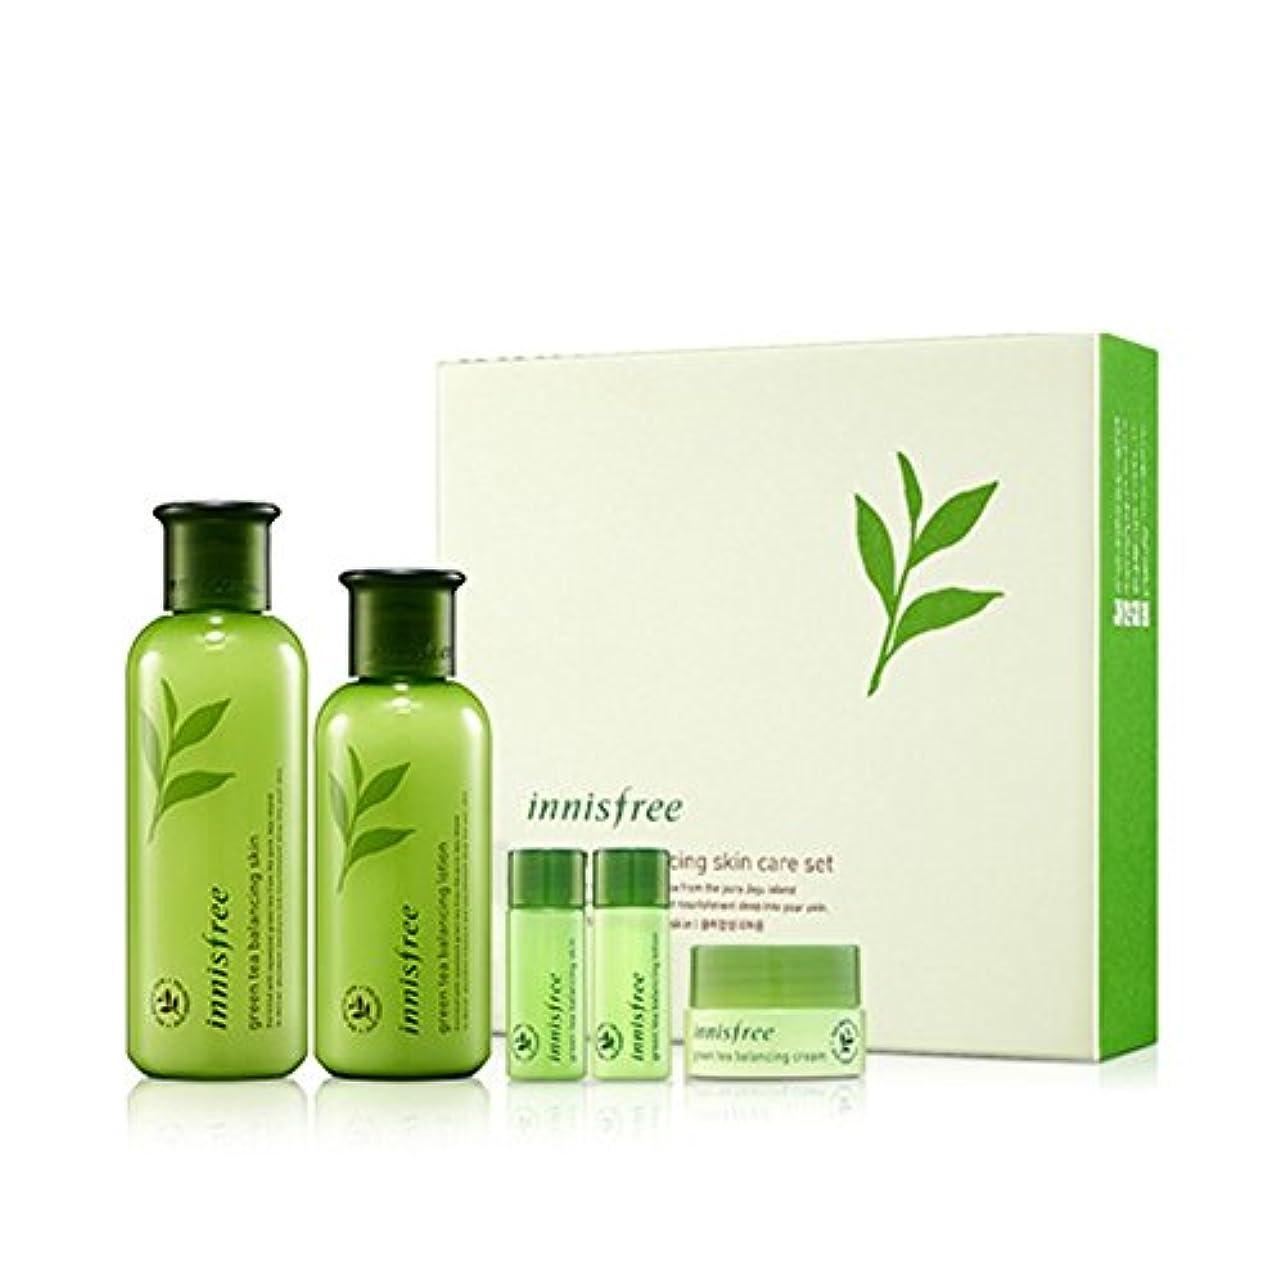 熟達記事止まる[イニスフリー] Innisfree [グリーンティーバランシングスペシャルスキンケアセット] Green Tea Balancing Special Skin Care Set [海外直送品]